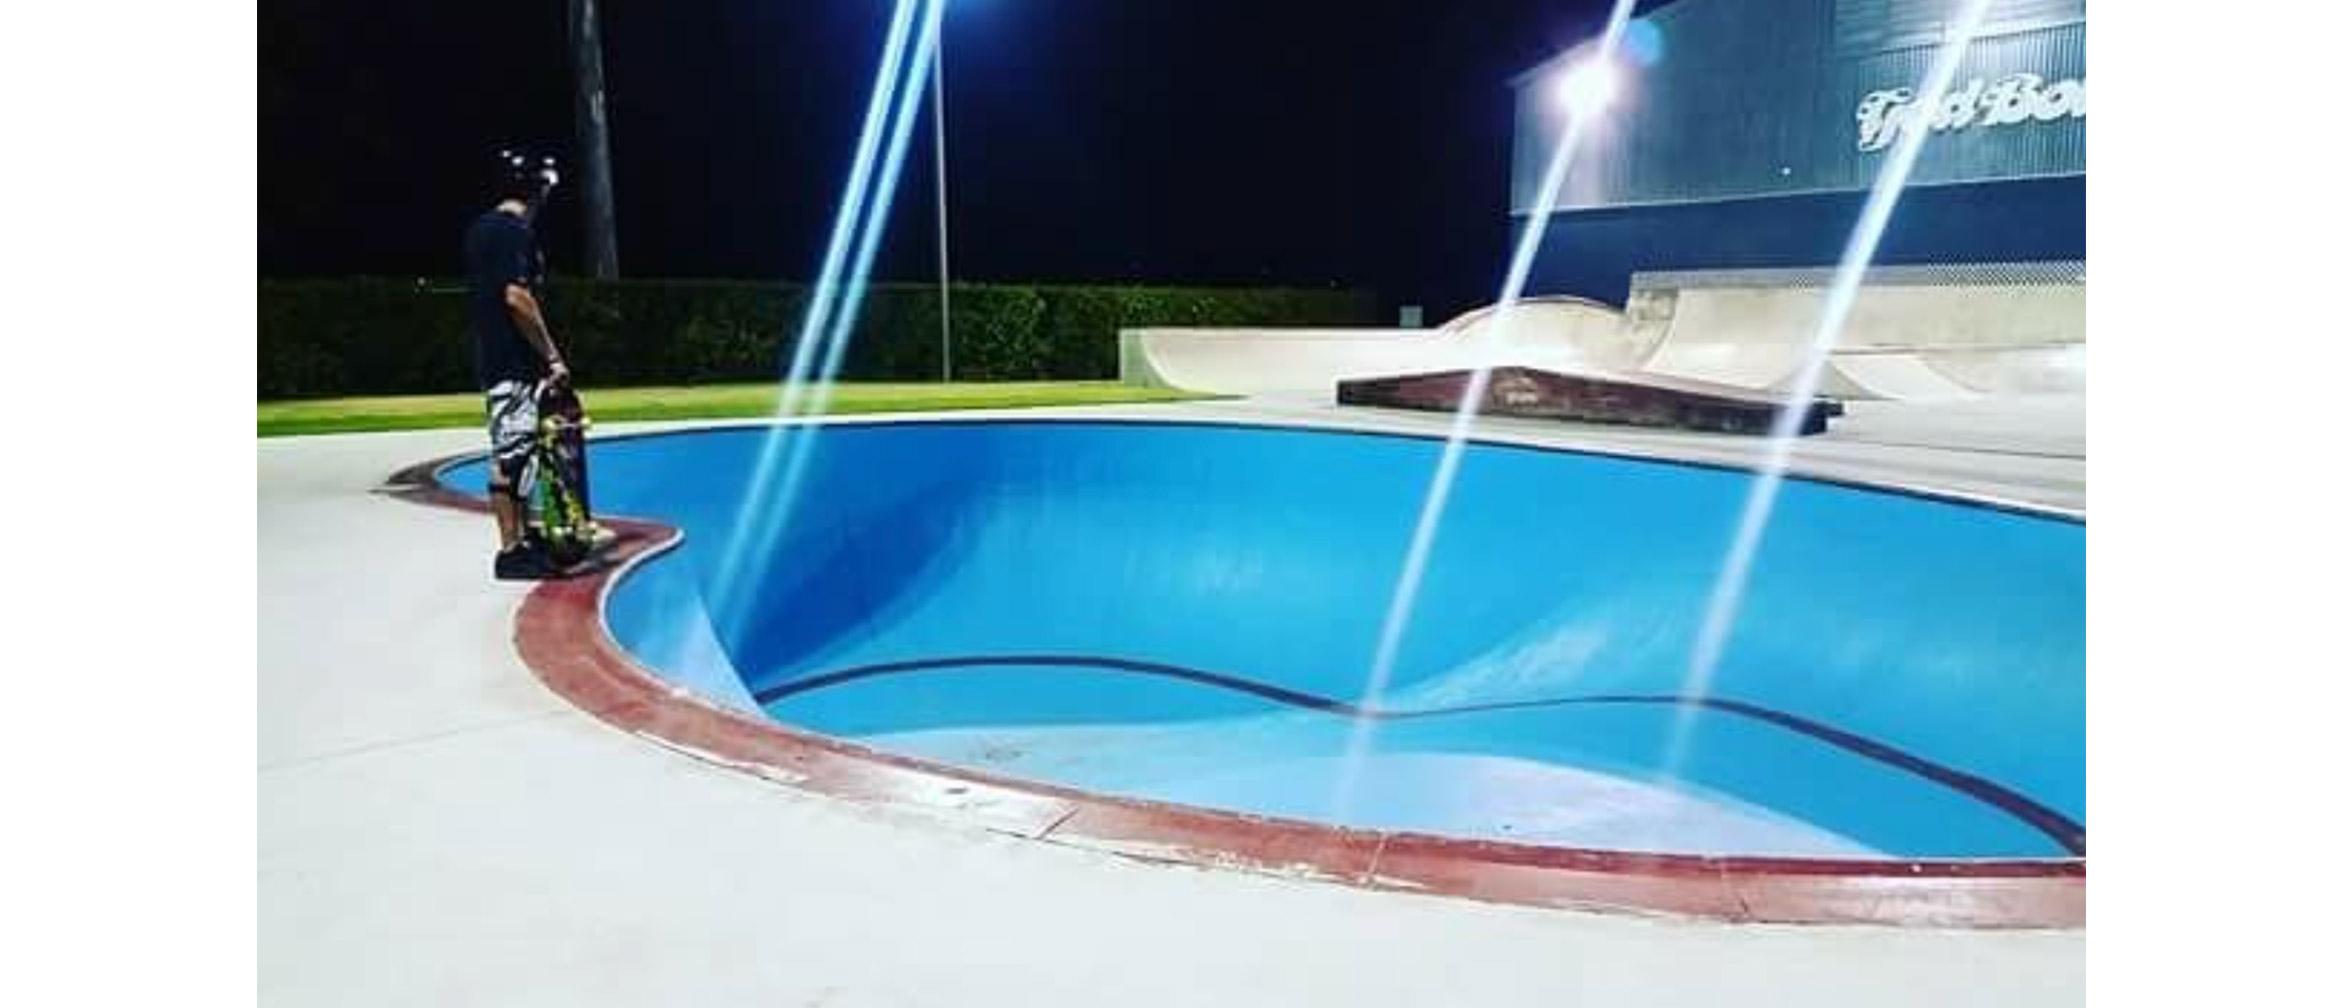 GodBowl and Skatepark